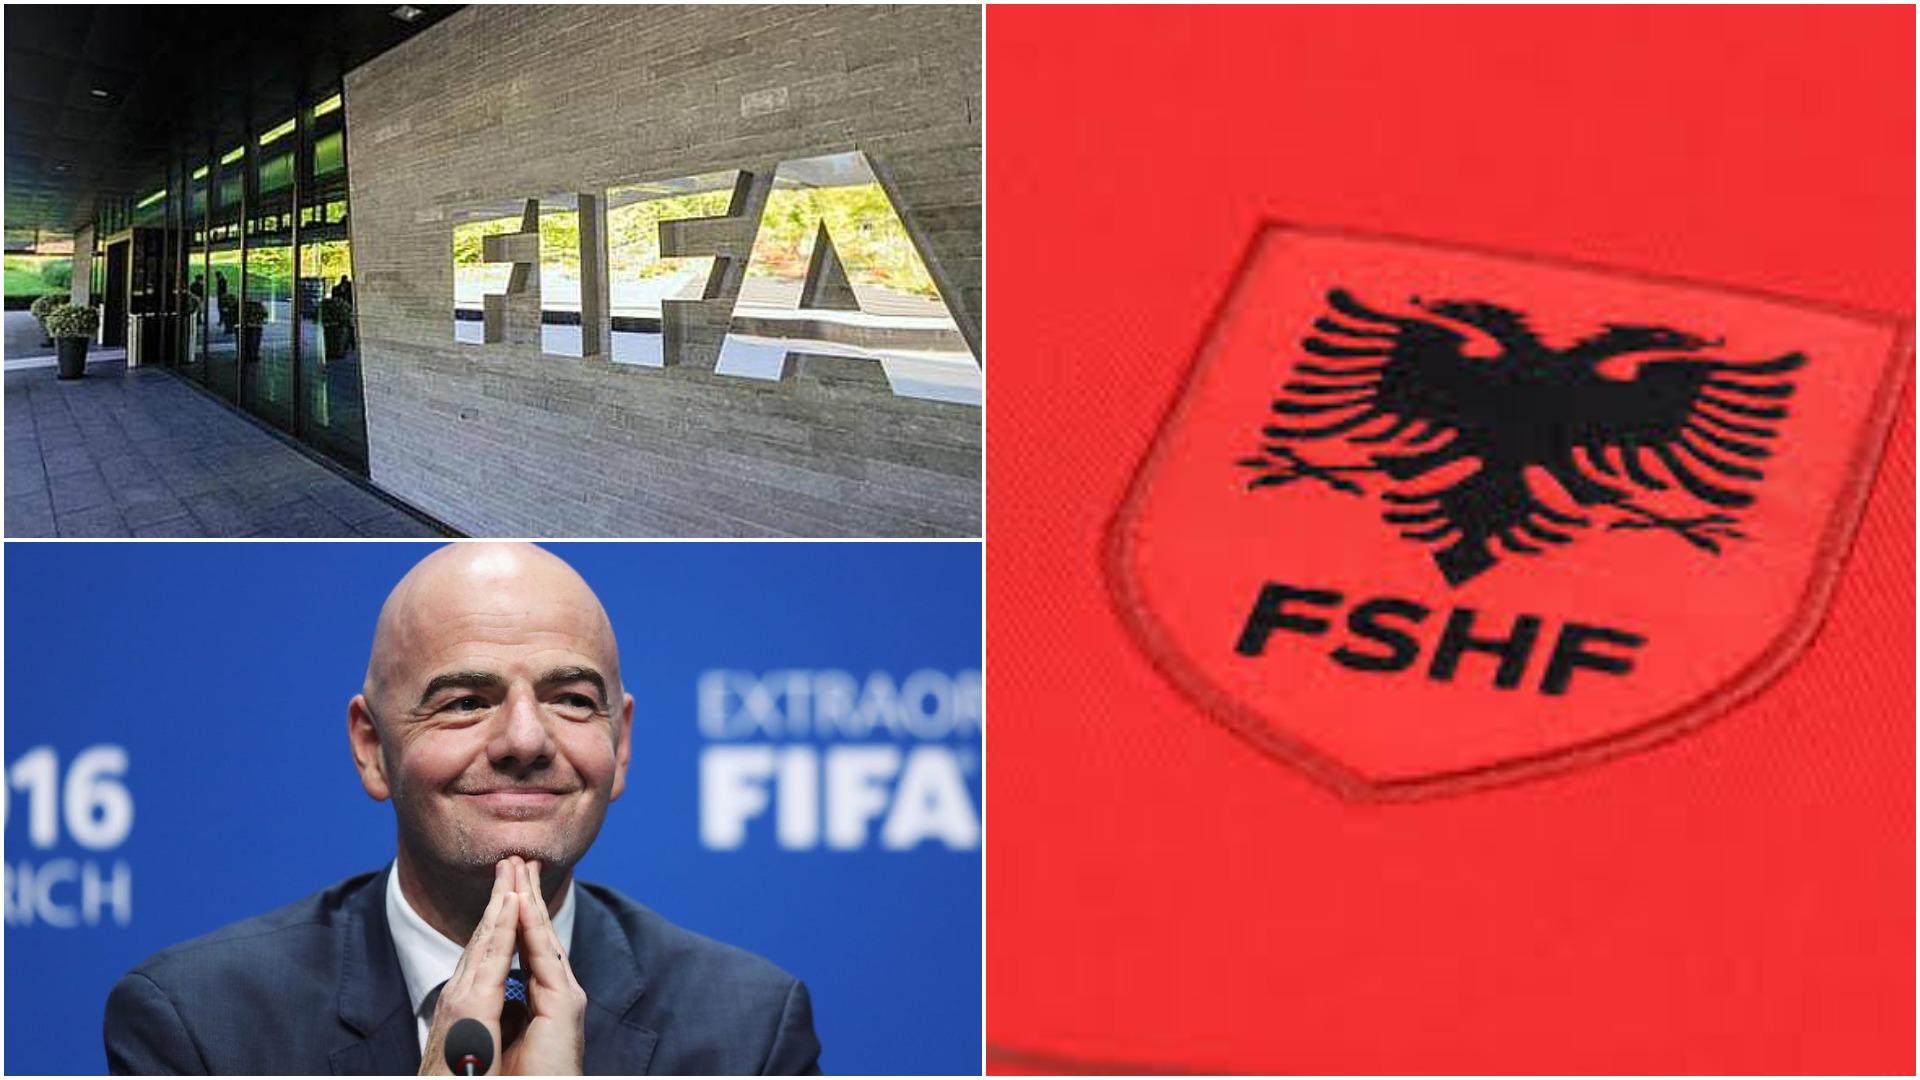 Merkato edhe në kombëtare, FIFA vjen me një ide të çmendur